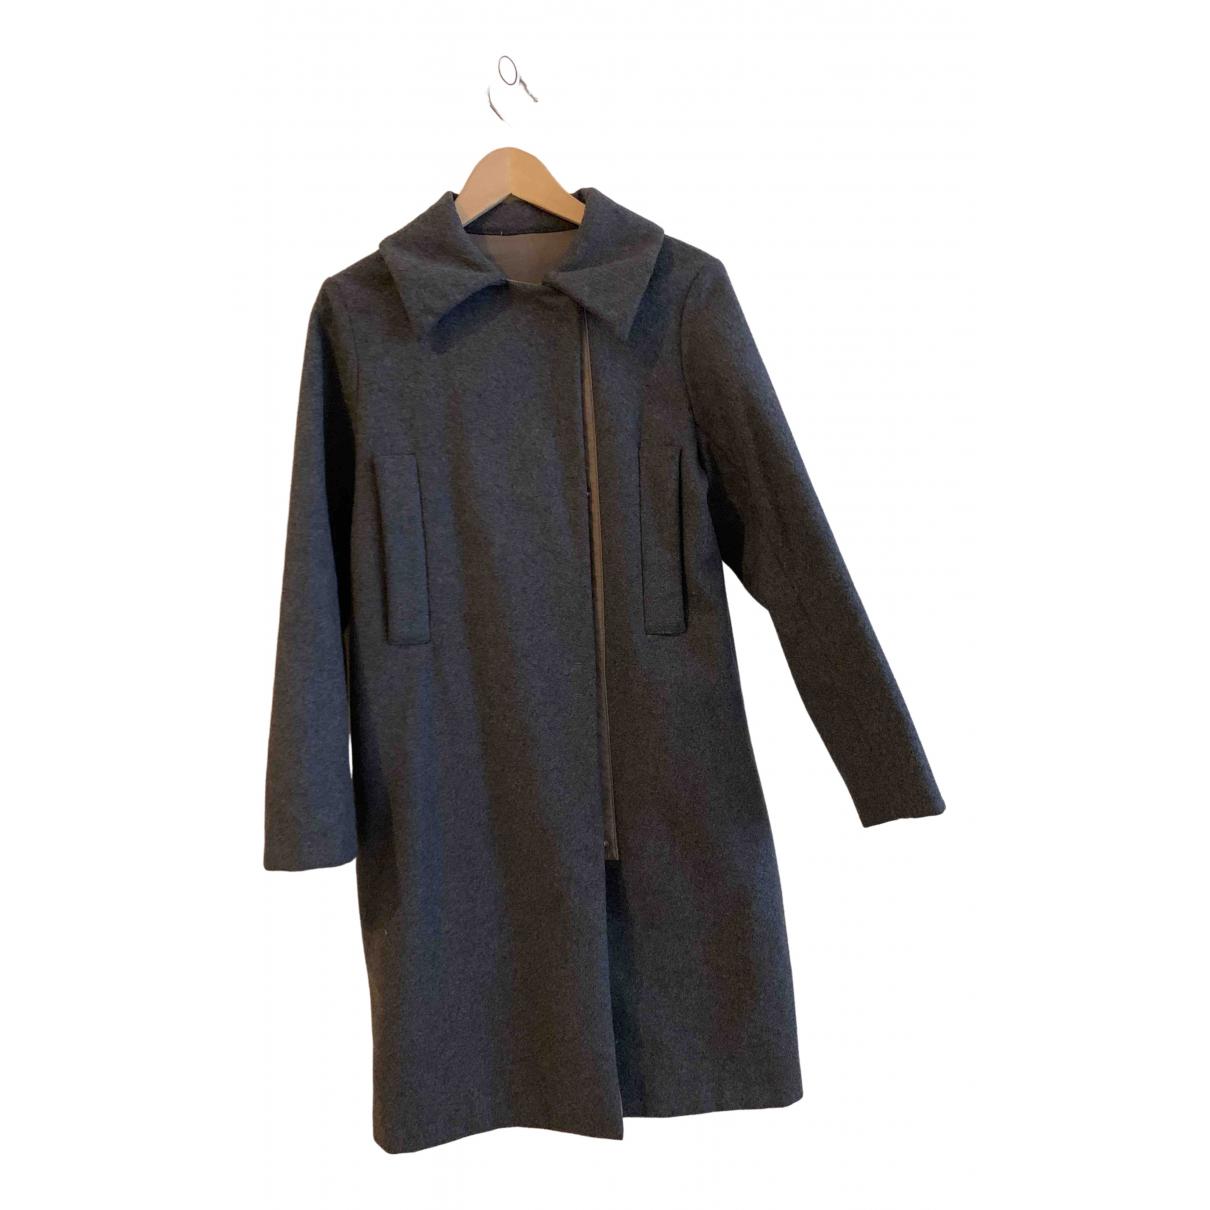 Maison Martin Margiela - Manteau   pour femme en laine - gris